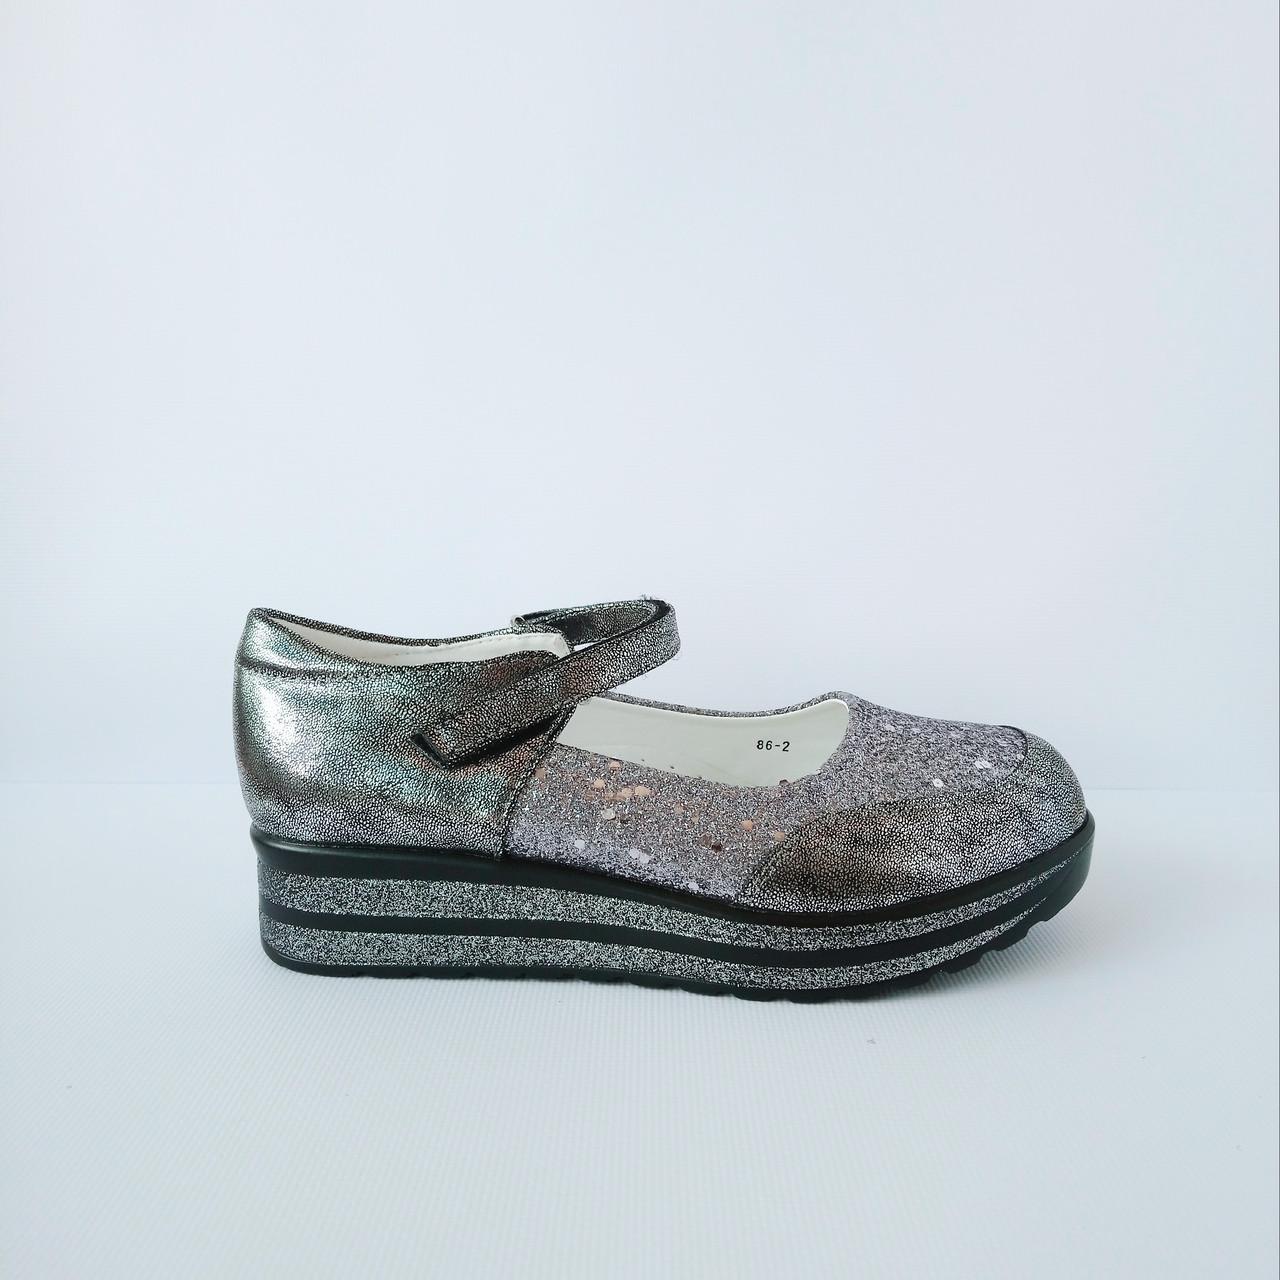 Школьные трендовые туфли на платформе девочкам, р. 30, 32, 33, 37. Серебро